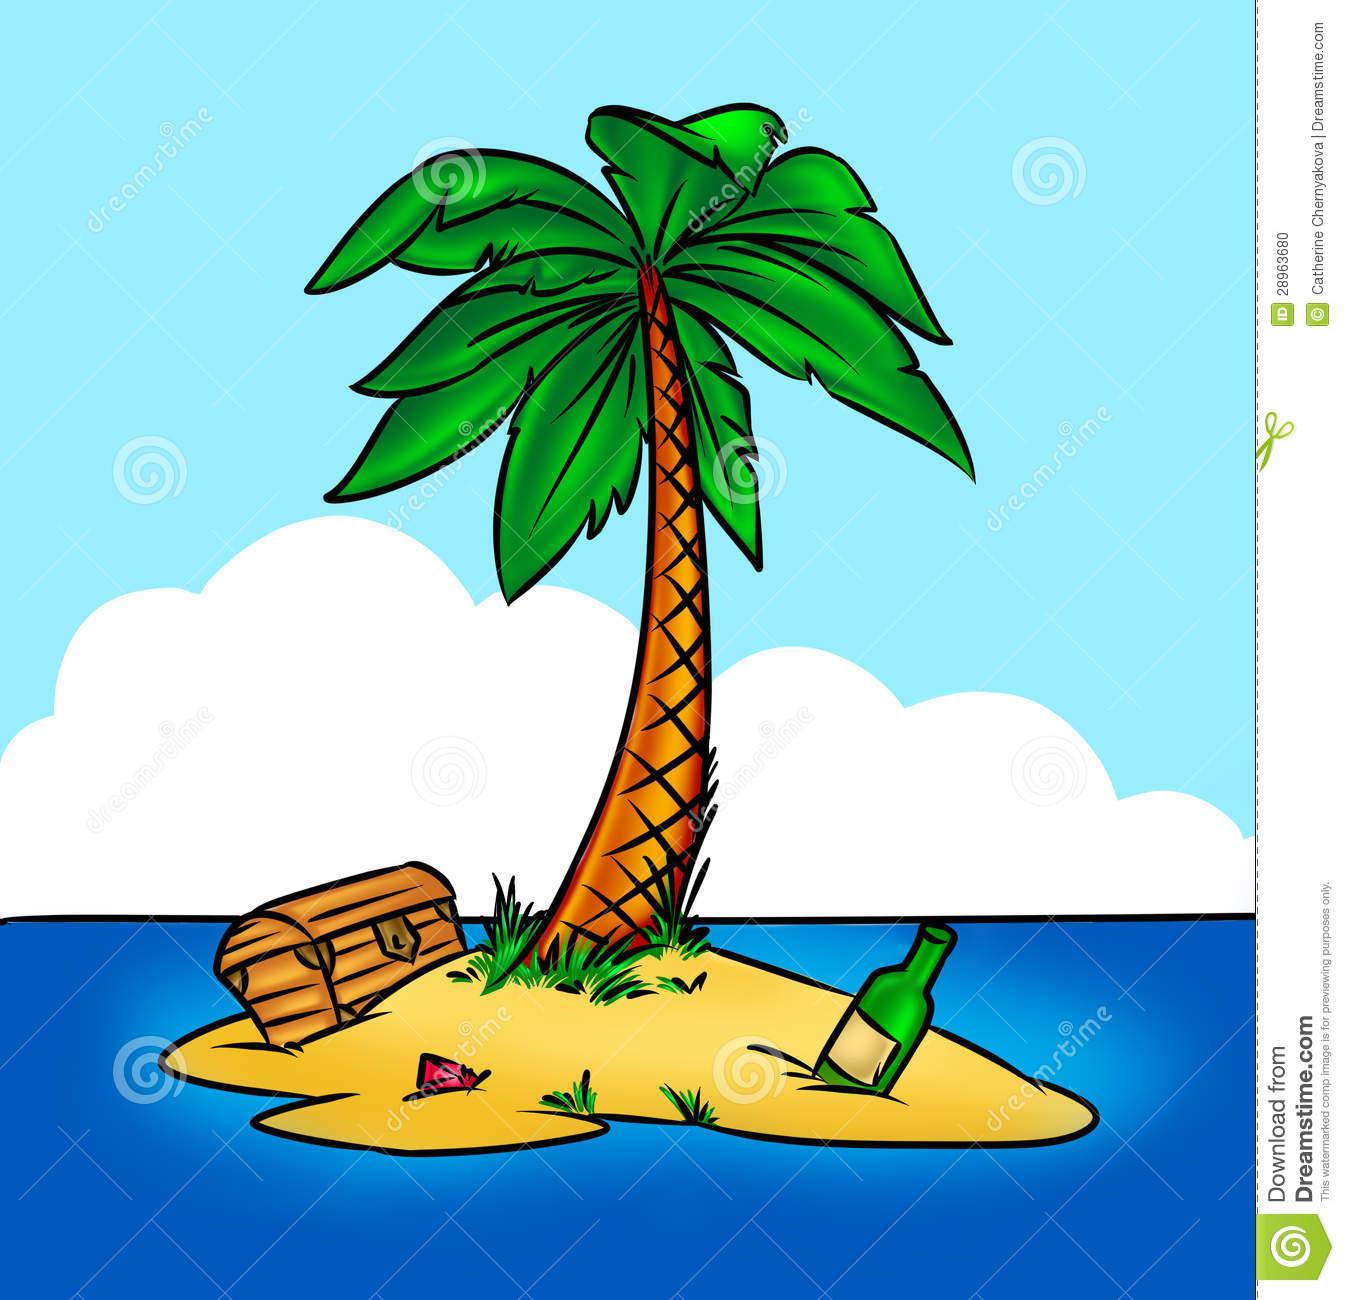 Pirate clipart island #6